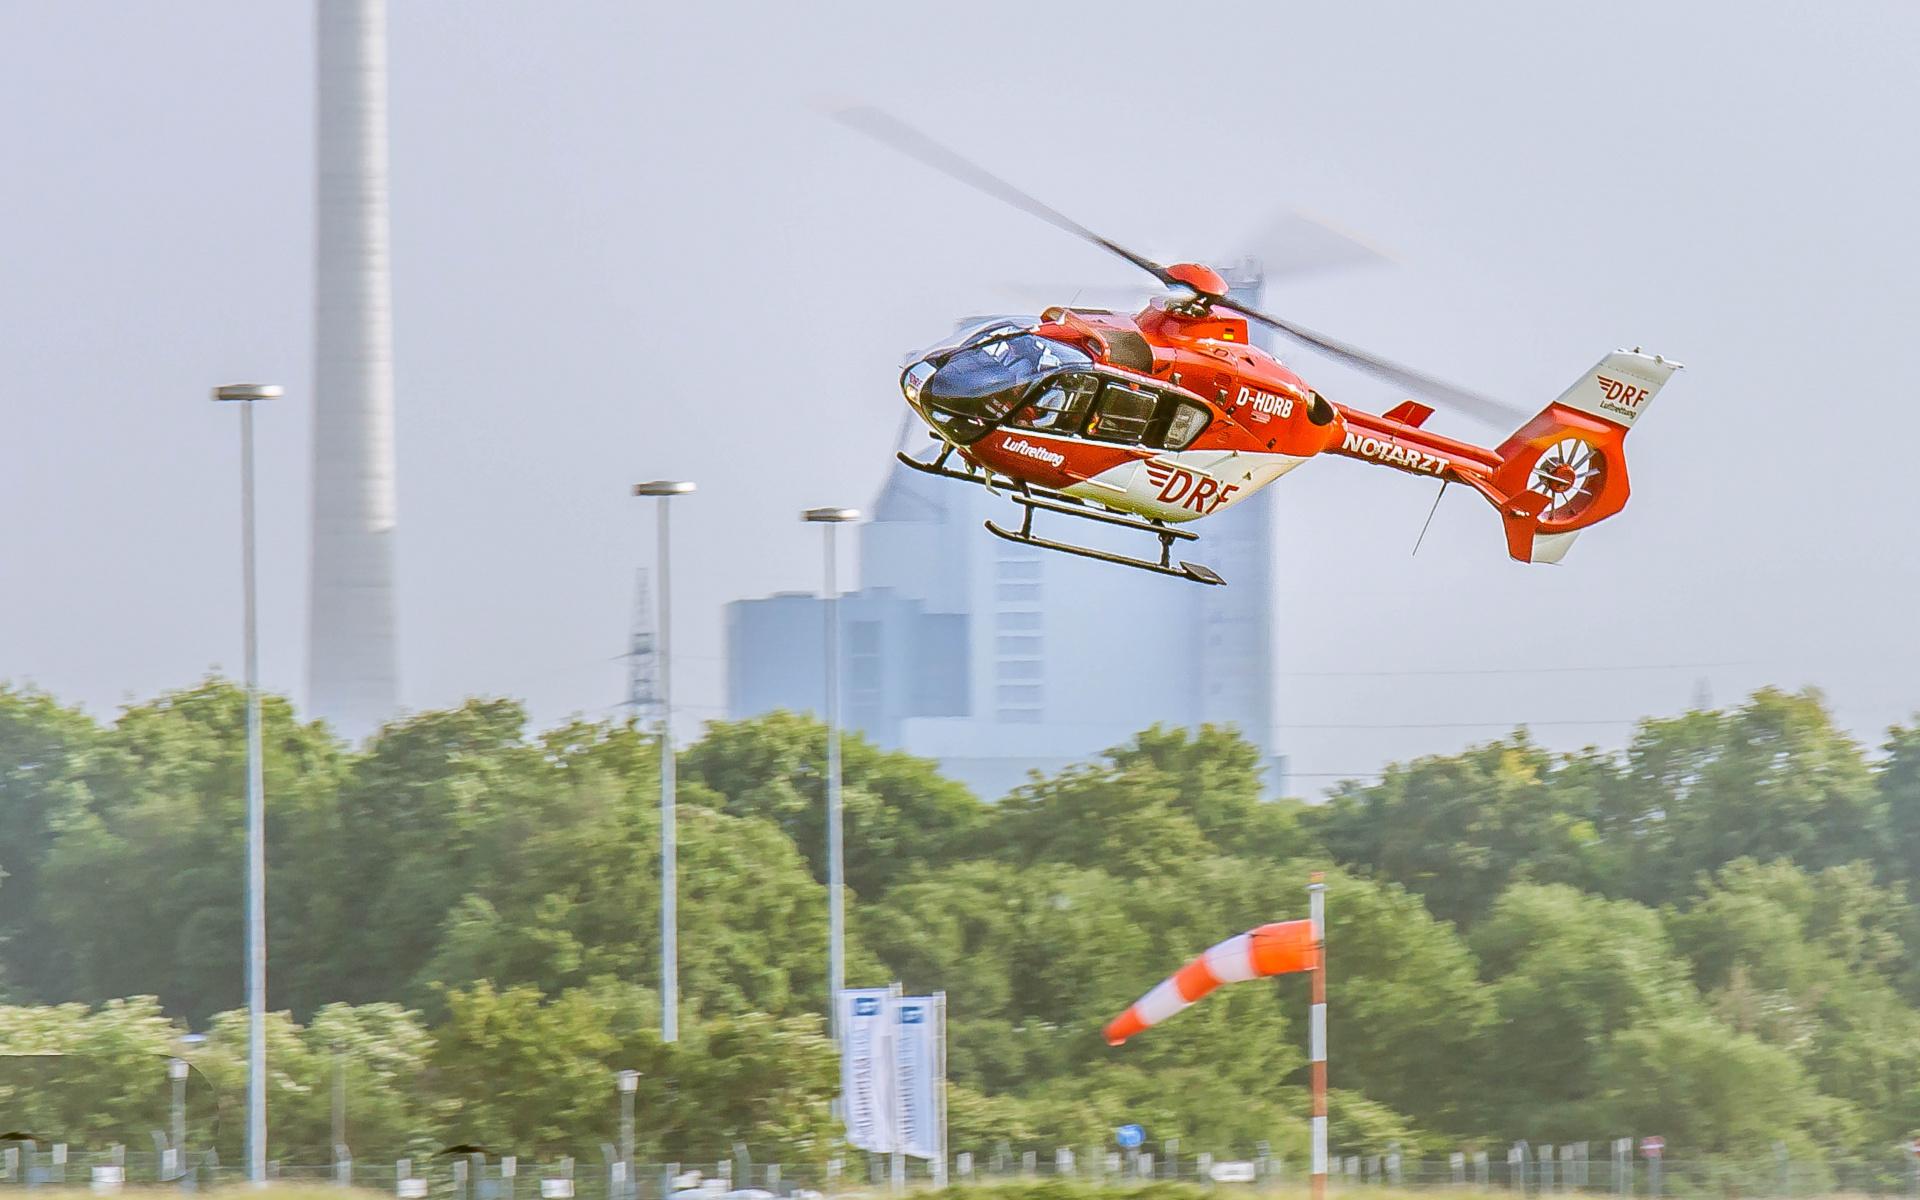 """Drei Hubschrauber der DRF Luftrettung haben Blut und Blutprodukte an Bord: """"Christoph 47"""" in Greifwald, """"Christoph 53"""" in Mannheim und """"Christoph Regensburg"""""""